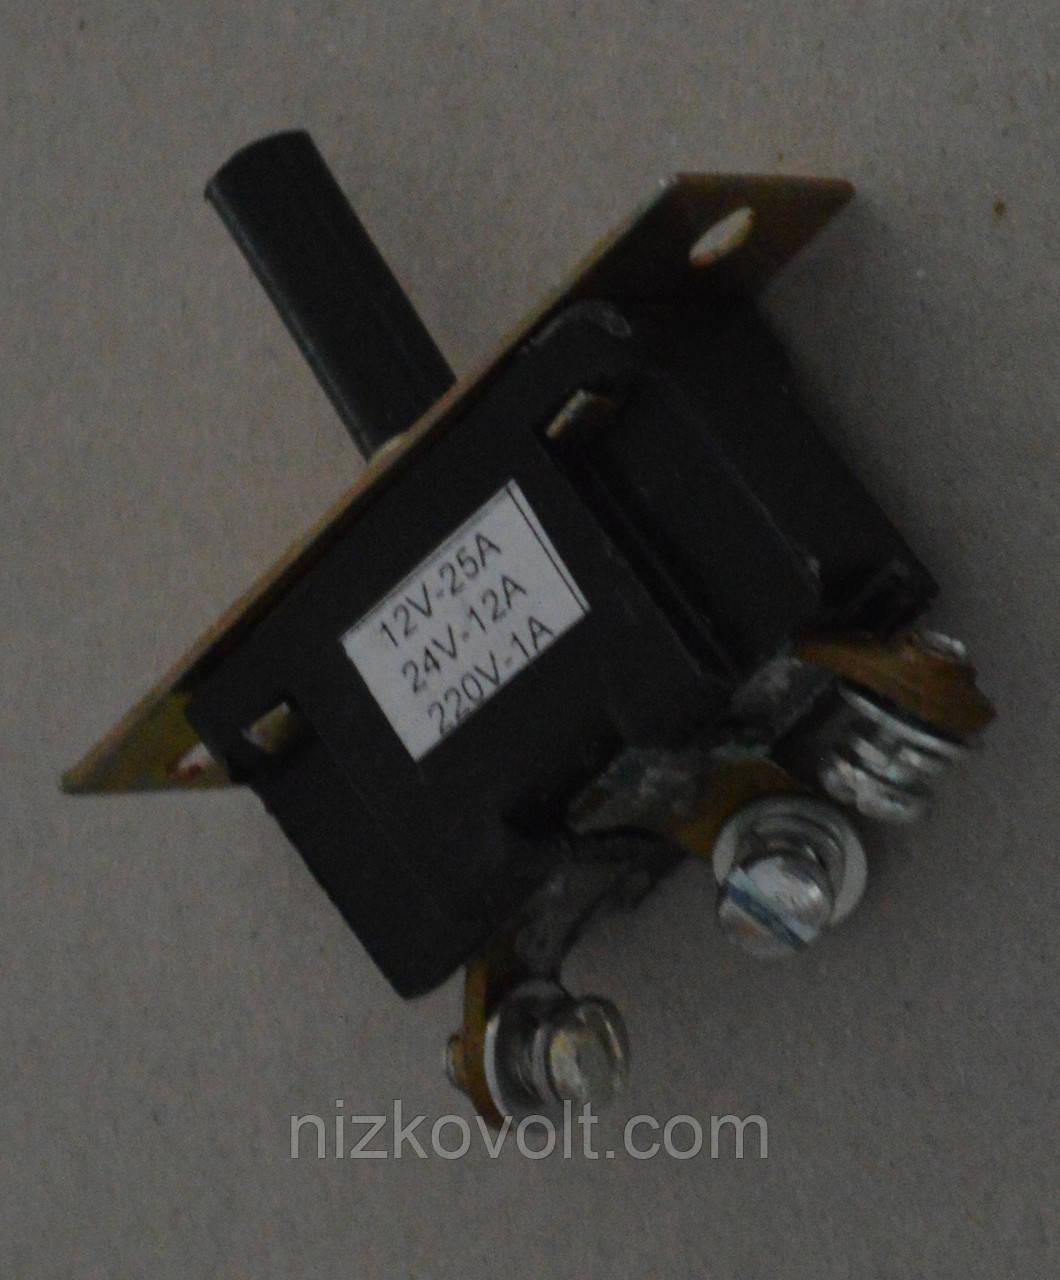 Переключатель - тумблер ПТ-18-25-2112-30УЗ (аналог ПН-45 М-2) серебро